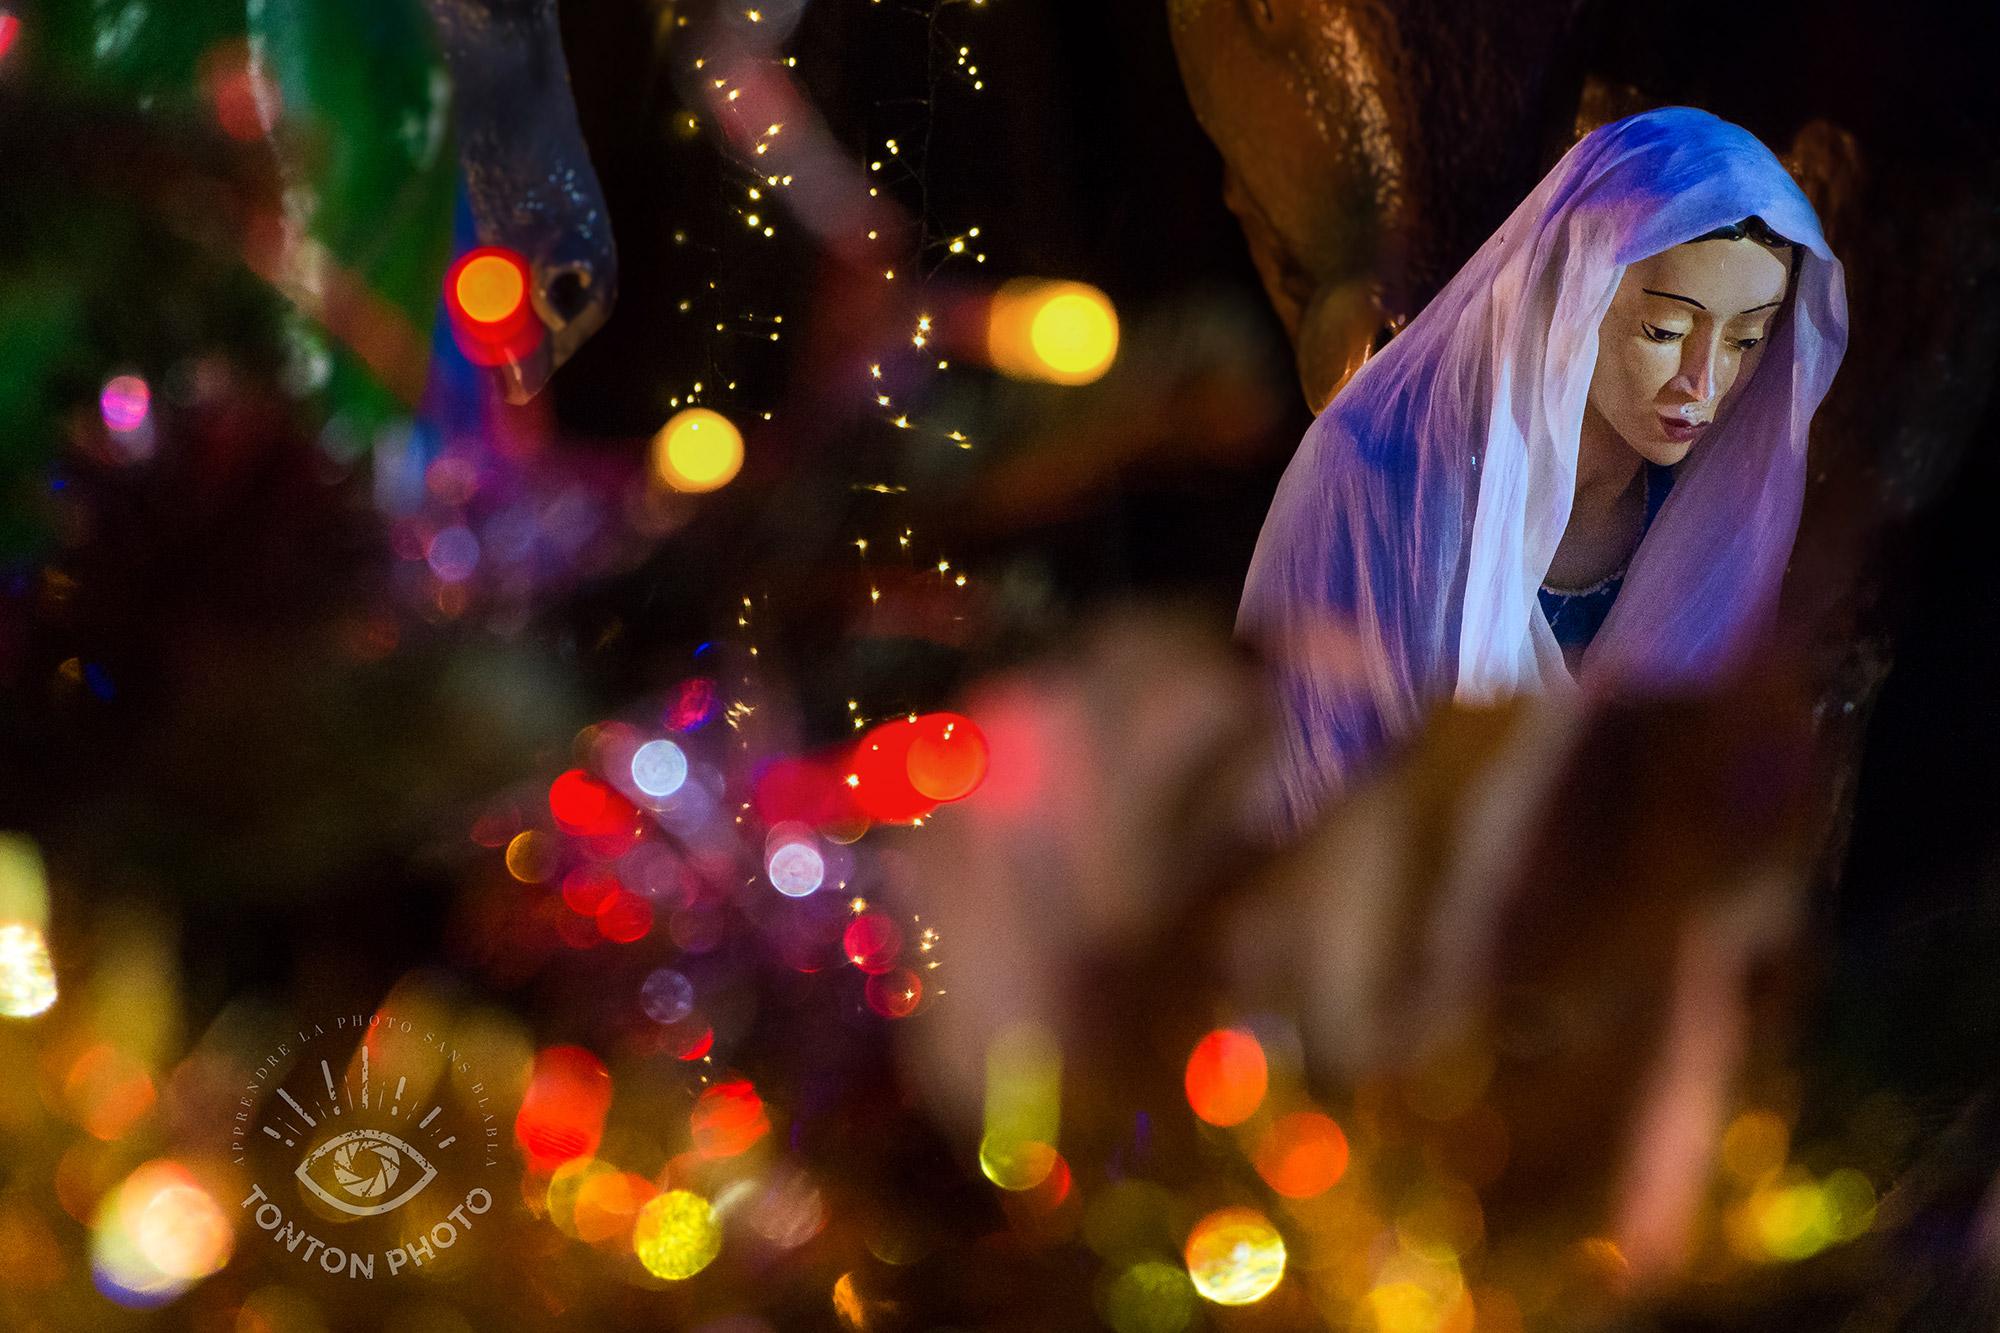 Crèche | Comment photographier pendant Noël et les fêtes de fin d'année ? © Clément Racineux / Tonton Photo